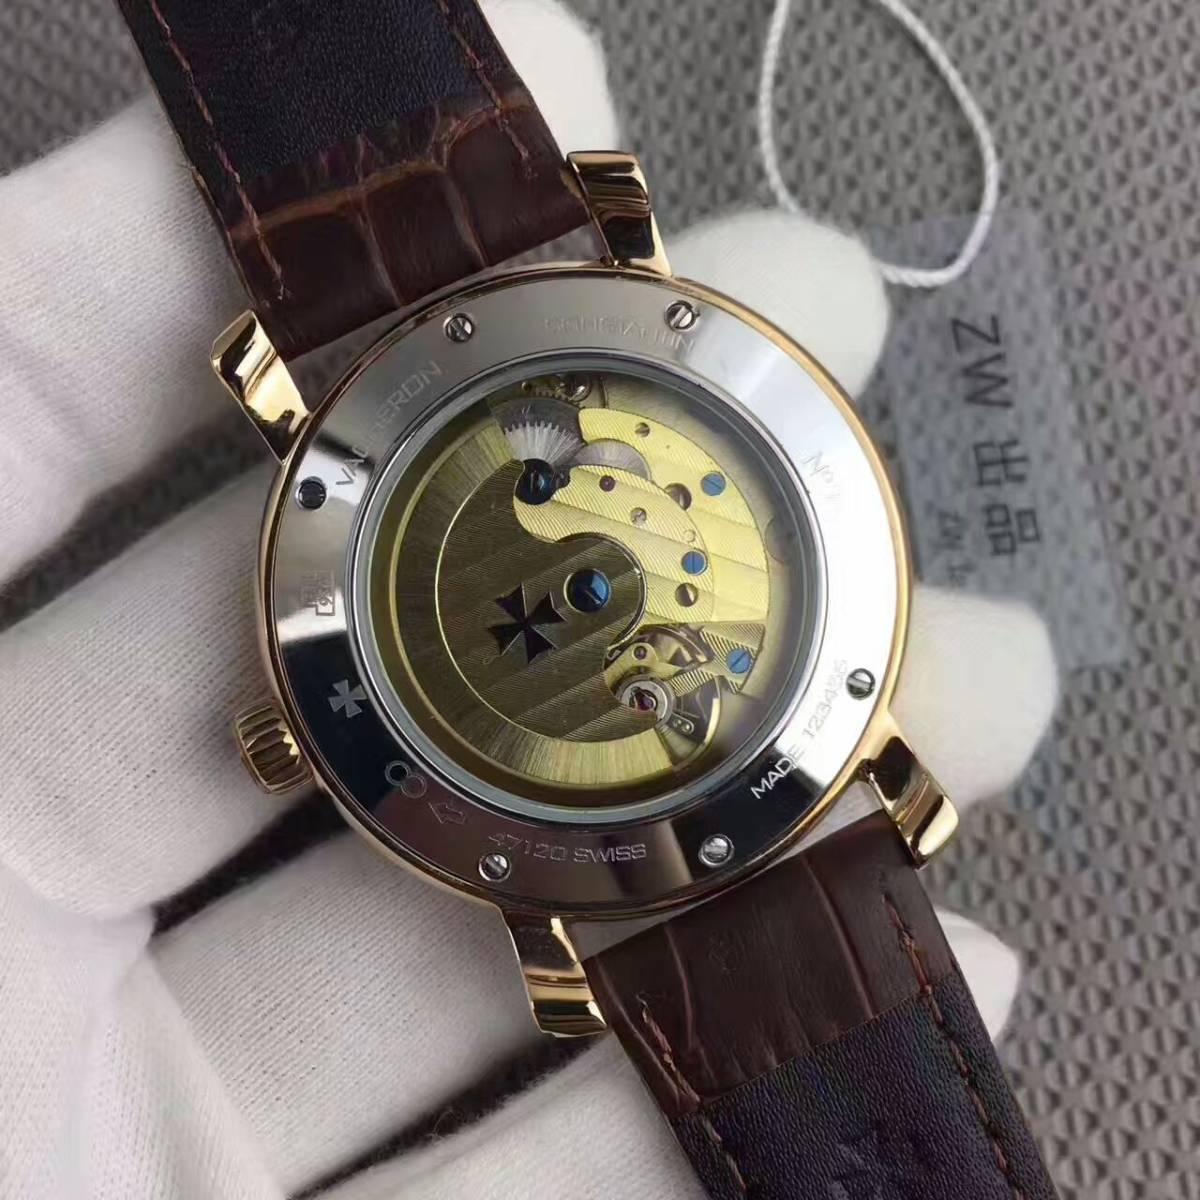 新品 ヴァシュロンコンスタンタン 高級感 男性用 腕時計 自動巻き_画像3